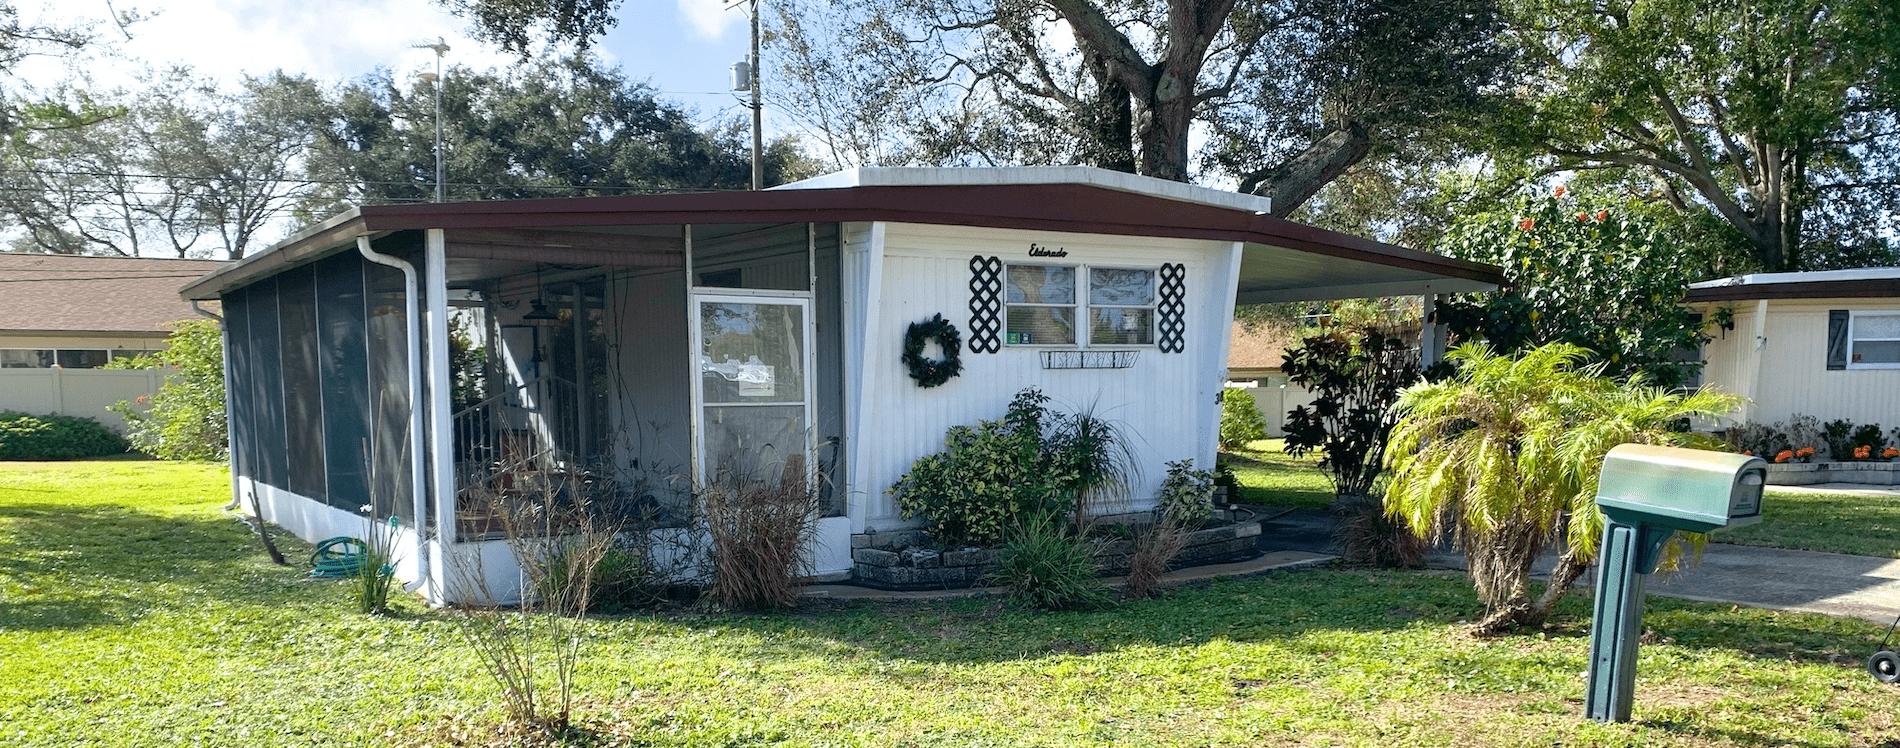 Mobile Home For Sale | Dunedin, FL | Lone Pine #38